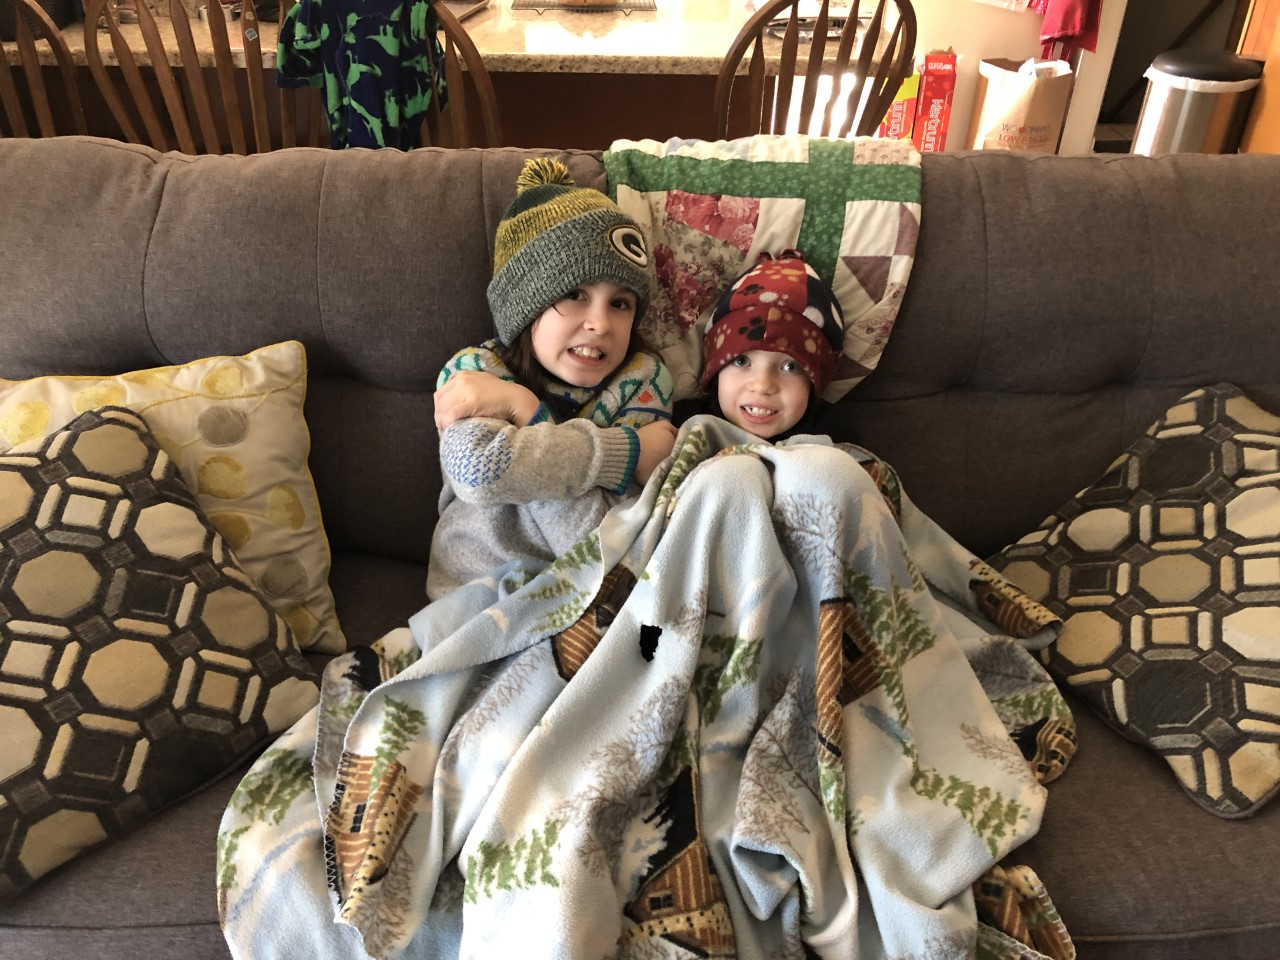 Max and ginn shivering